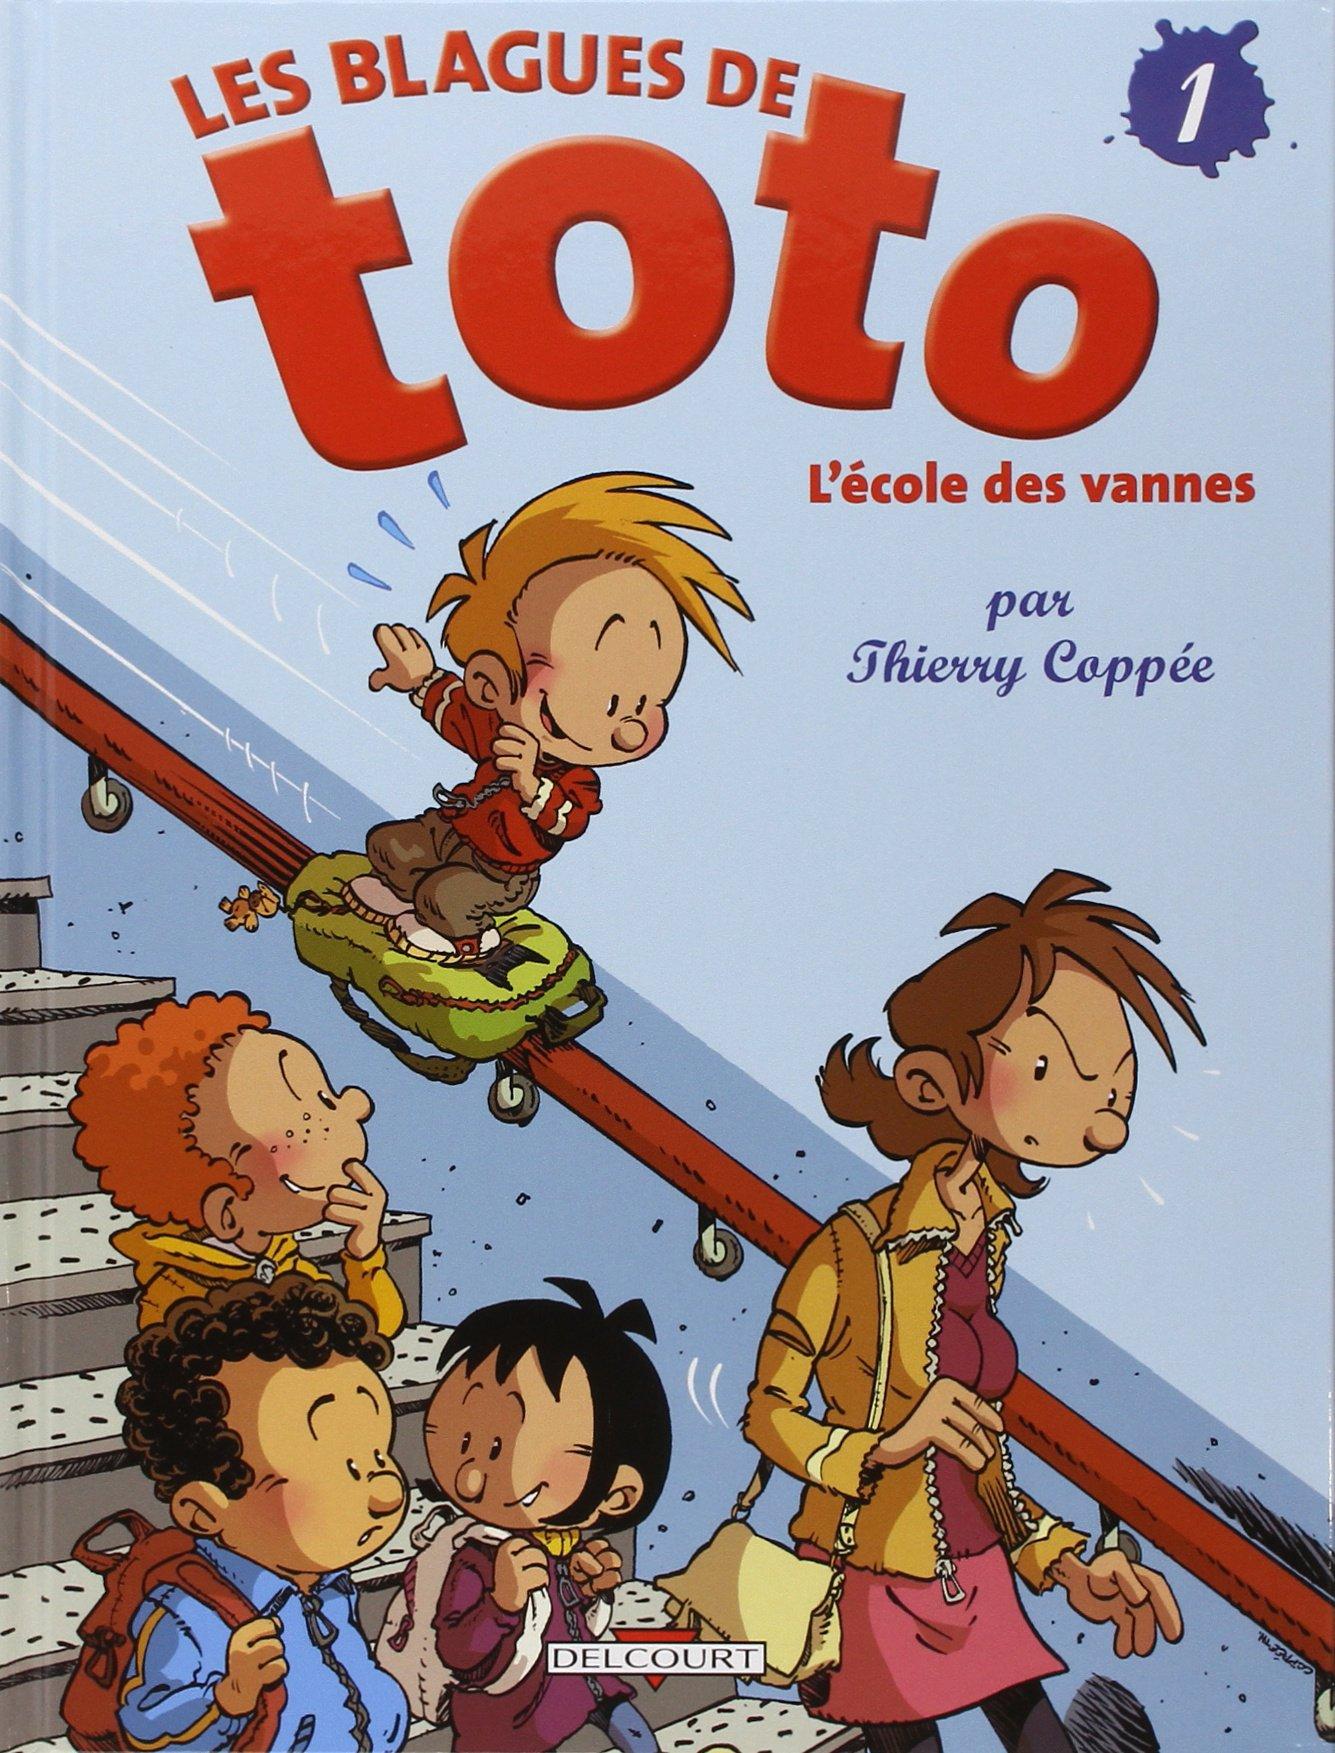 Les blagues de Toto, tome 1 : L'école des vannes - Sélection du Comité des mamans Hiver 2004 (6-9 ans) Album – 4 février 2004 Thierry Coppée Delcourt 2847891749 Bandes dessinées